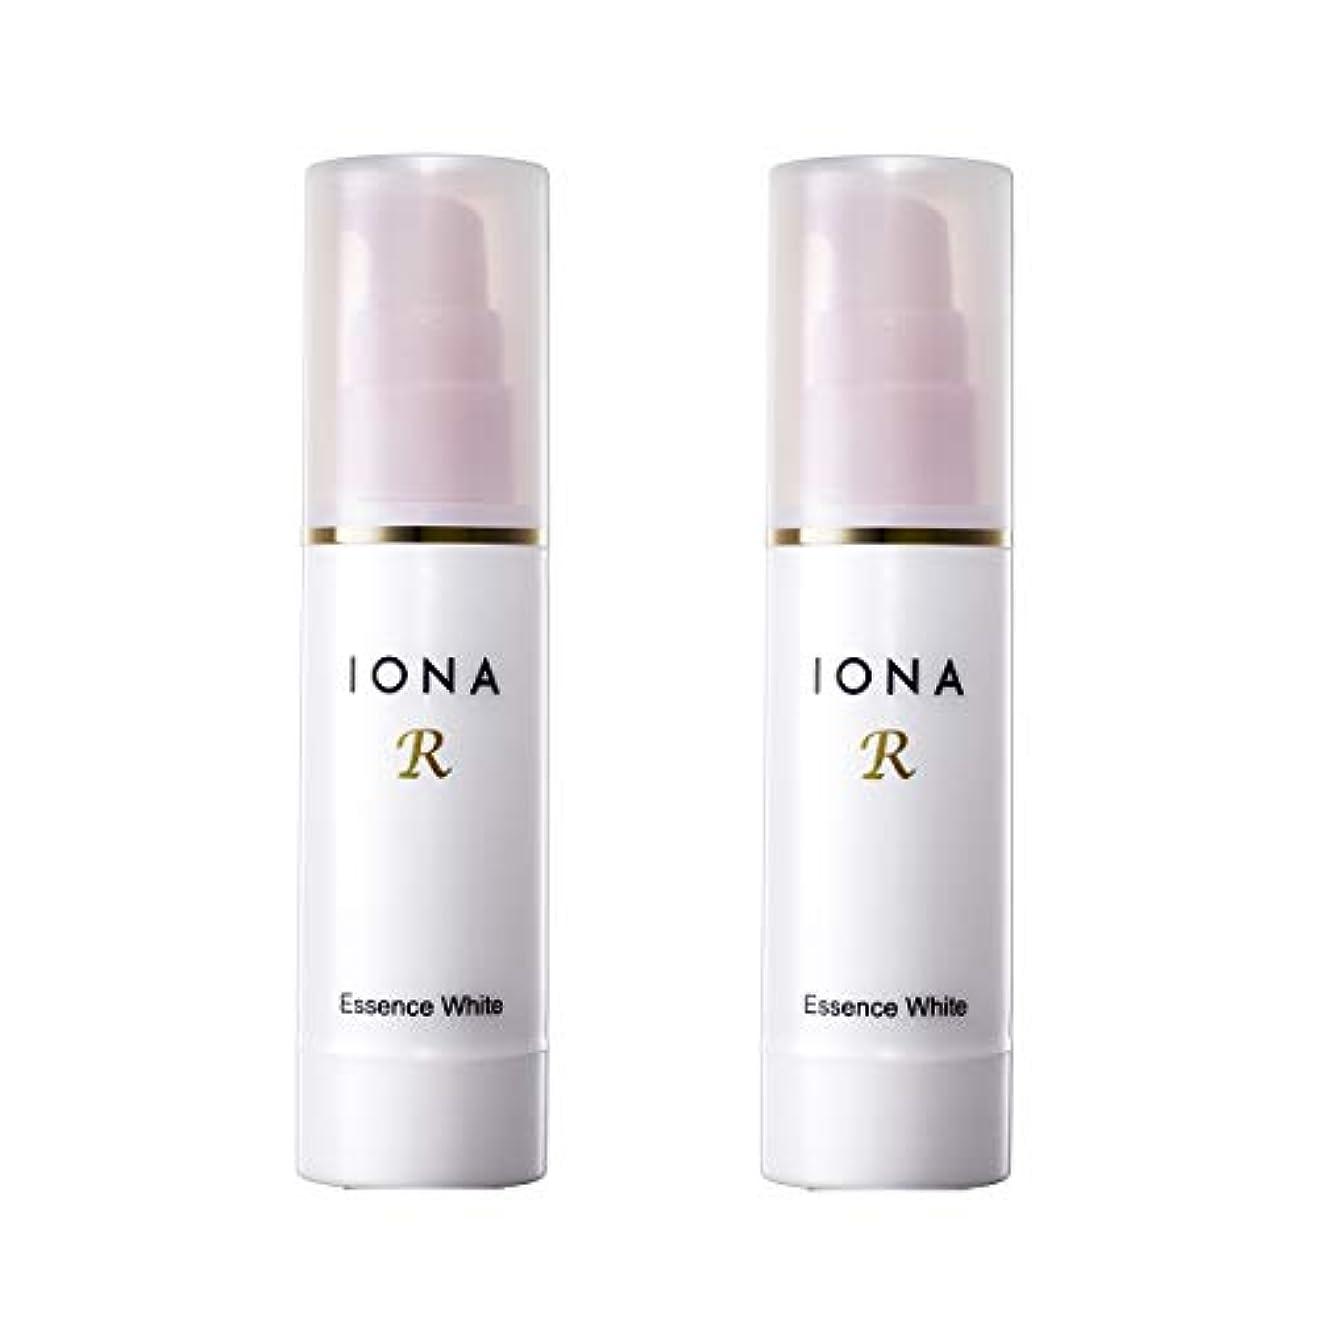 レガシーメタンエゴマニアイオナR エッセンスホワイト 美容液 2個セット 【通常価格より20%OFF】高機能ビタミンC配合美容液 IONA R イオナアール イオナのビタミンC